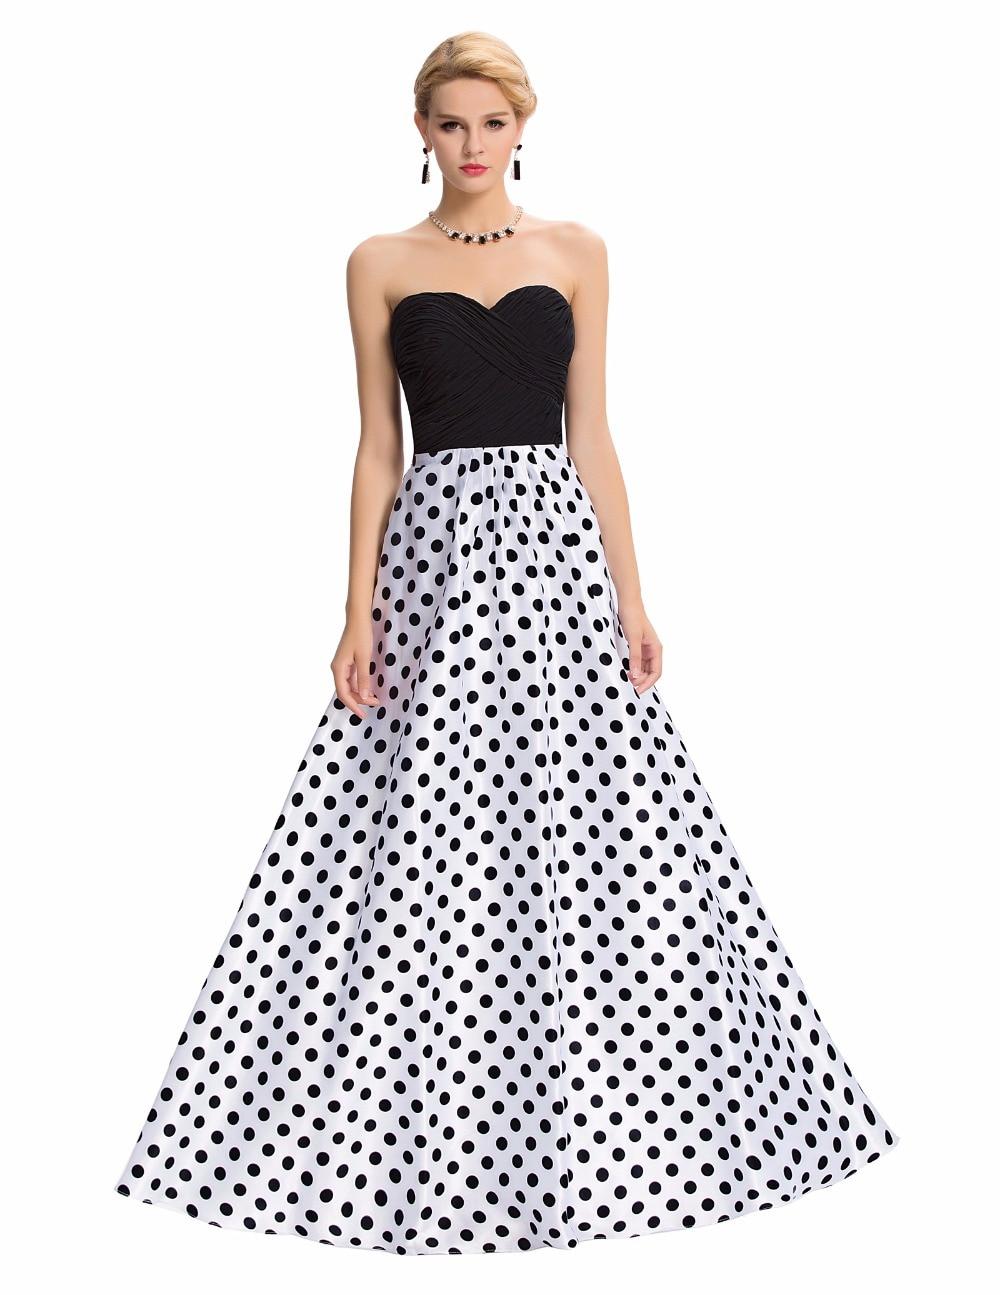 Polka Dot Prom Dresses Formal Dresses